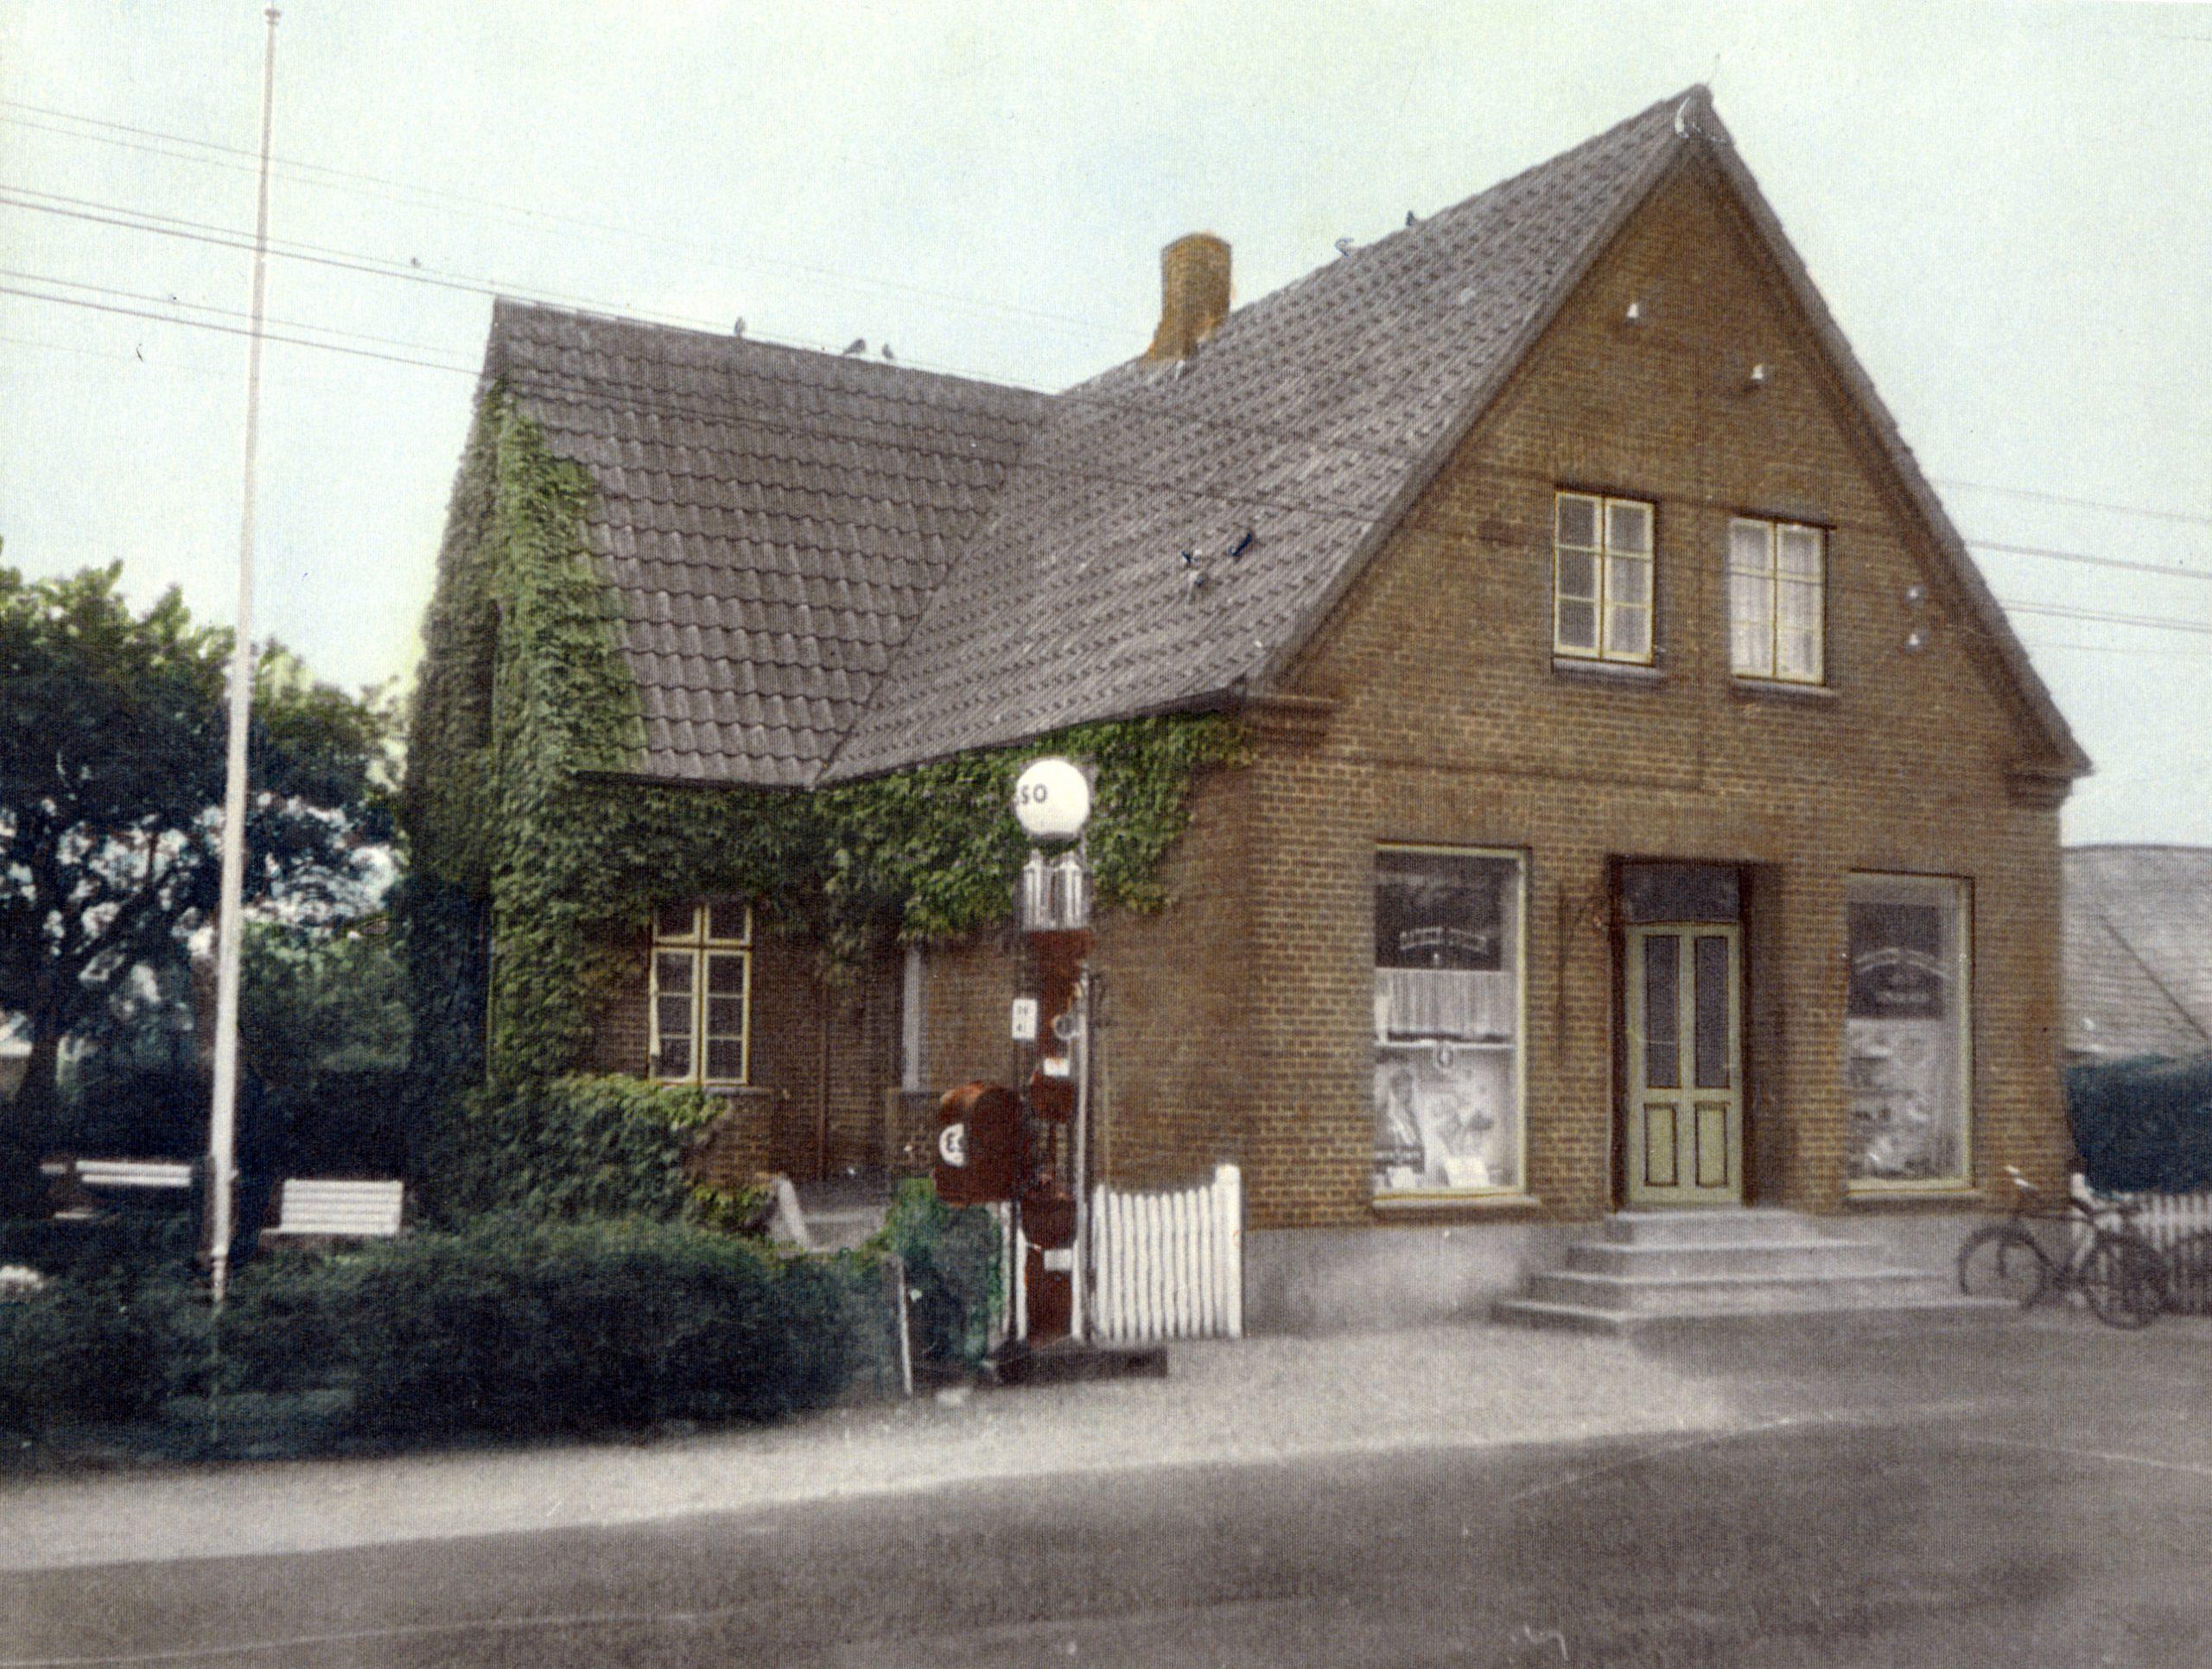 Odensevej 30